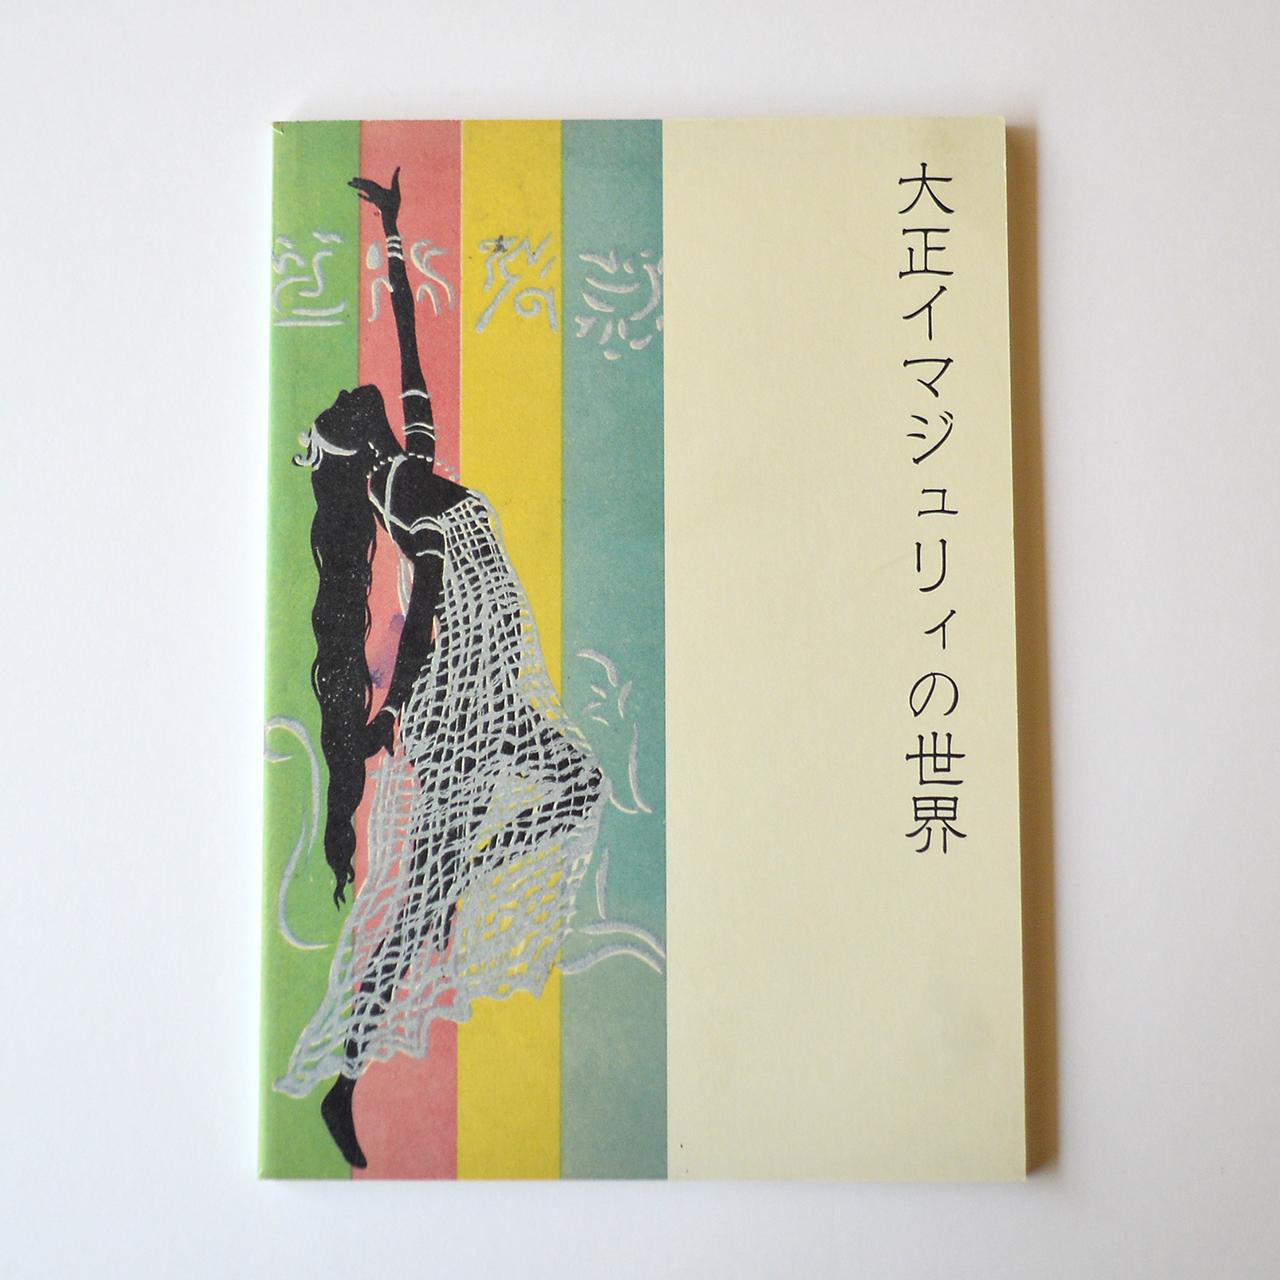 大正イマジュリィの世界展 図録